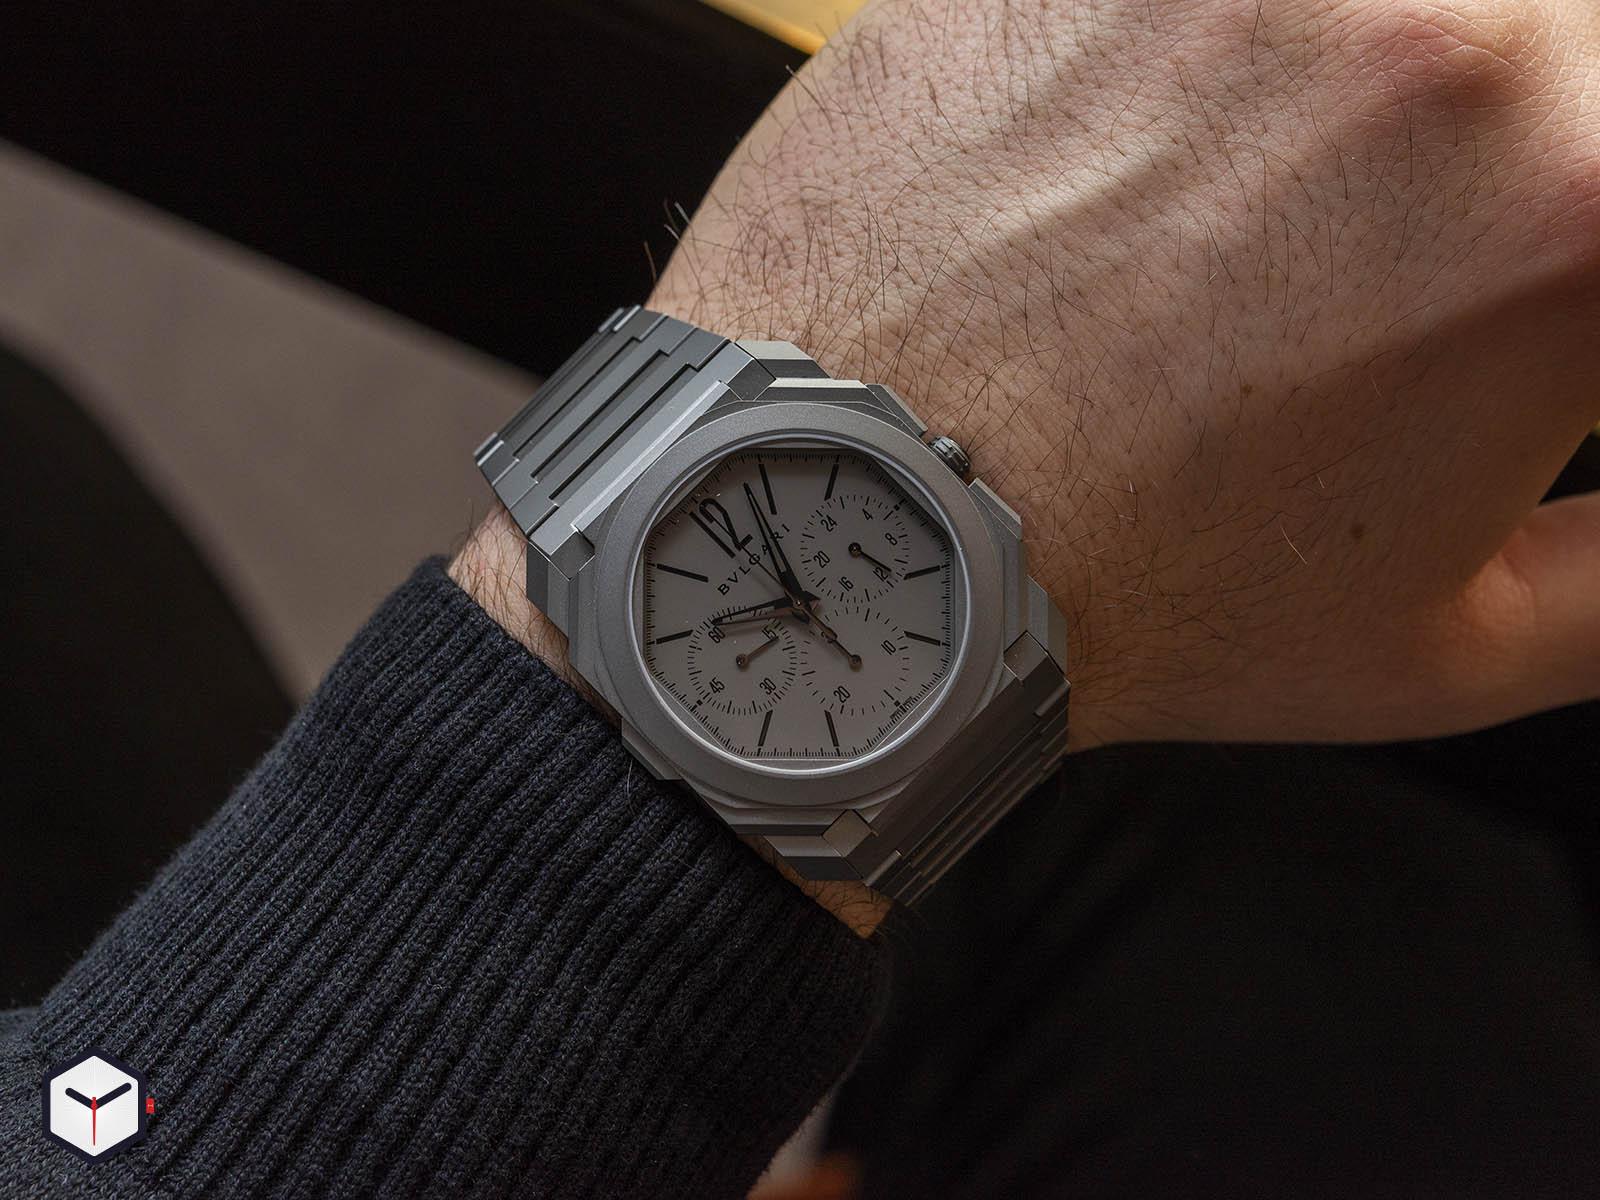 103068-bulgari-octo-finissimo-chronograph-gmt-automatic-baselworld-2019-7.jpg